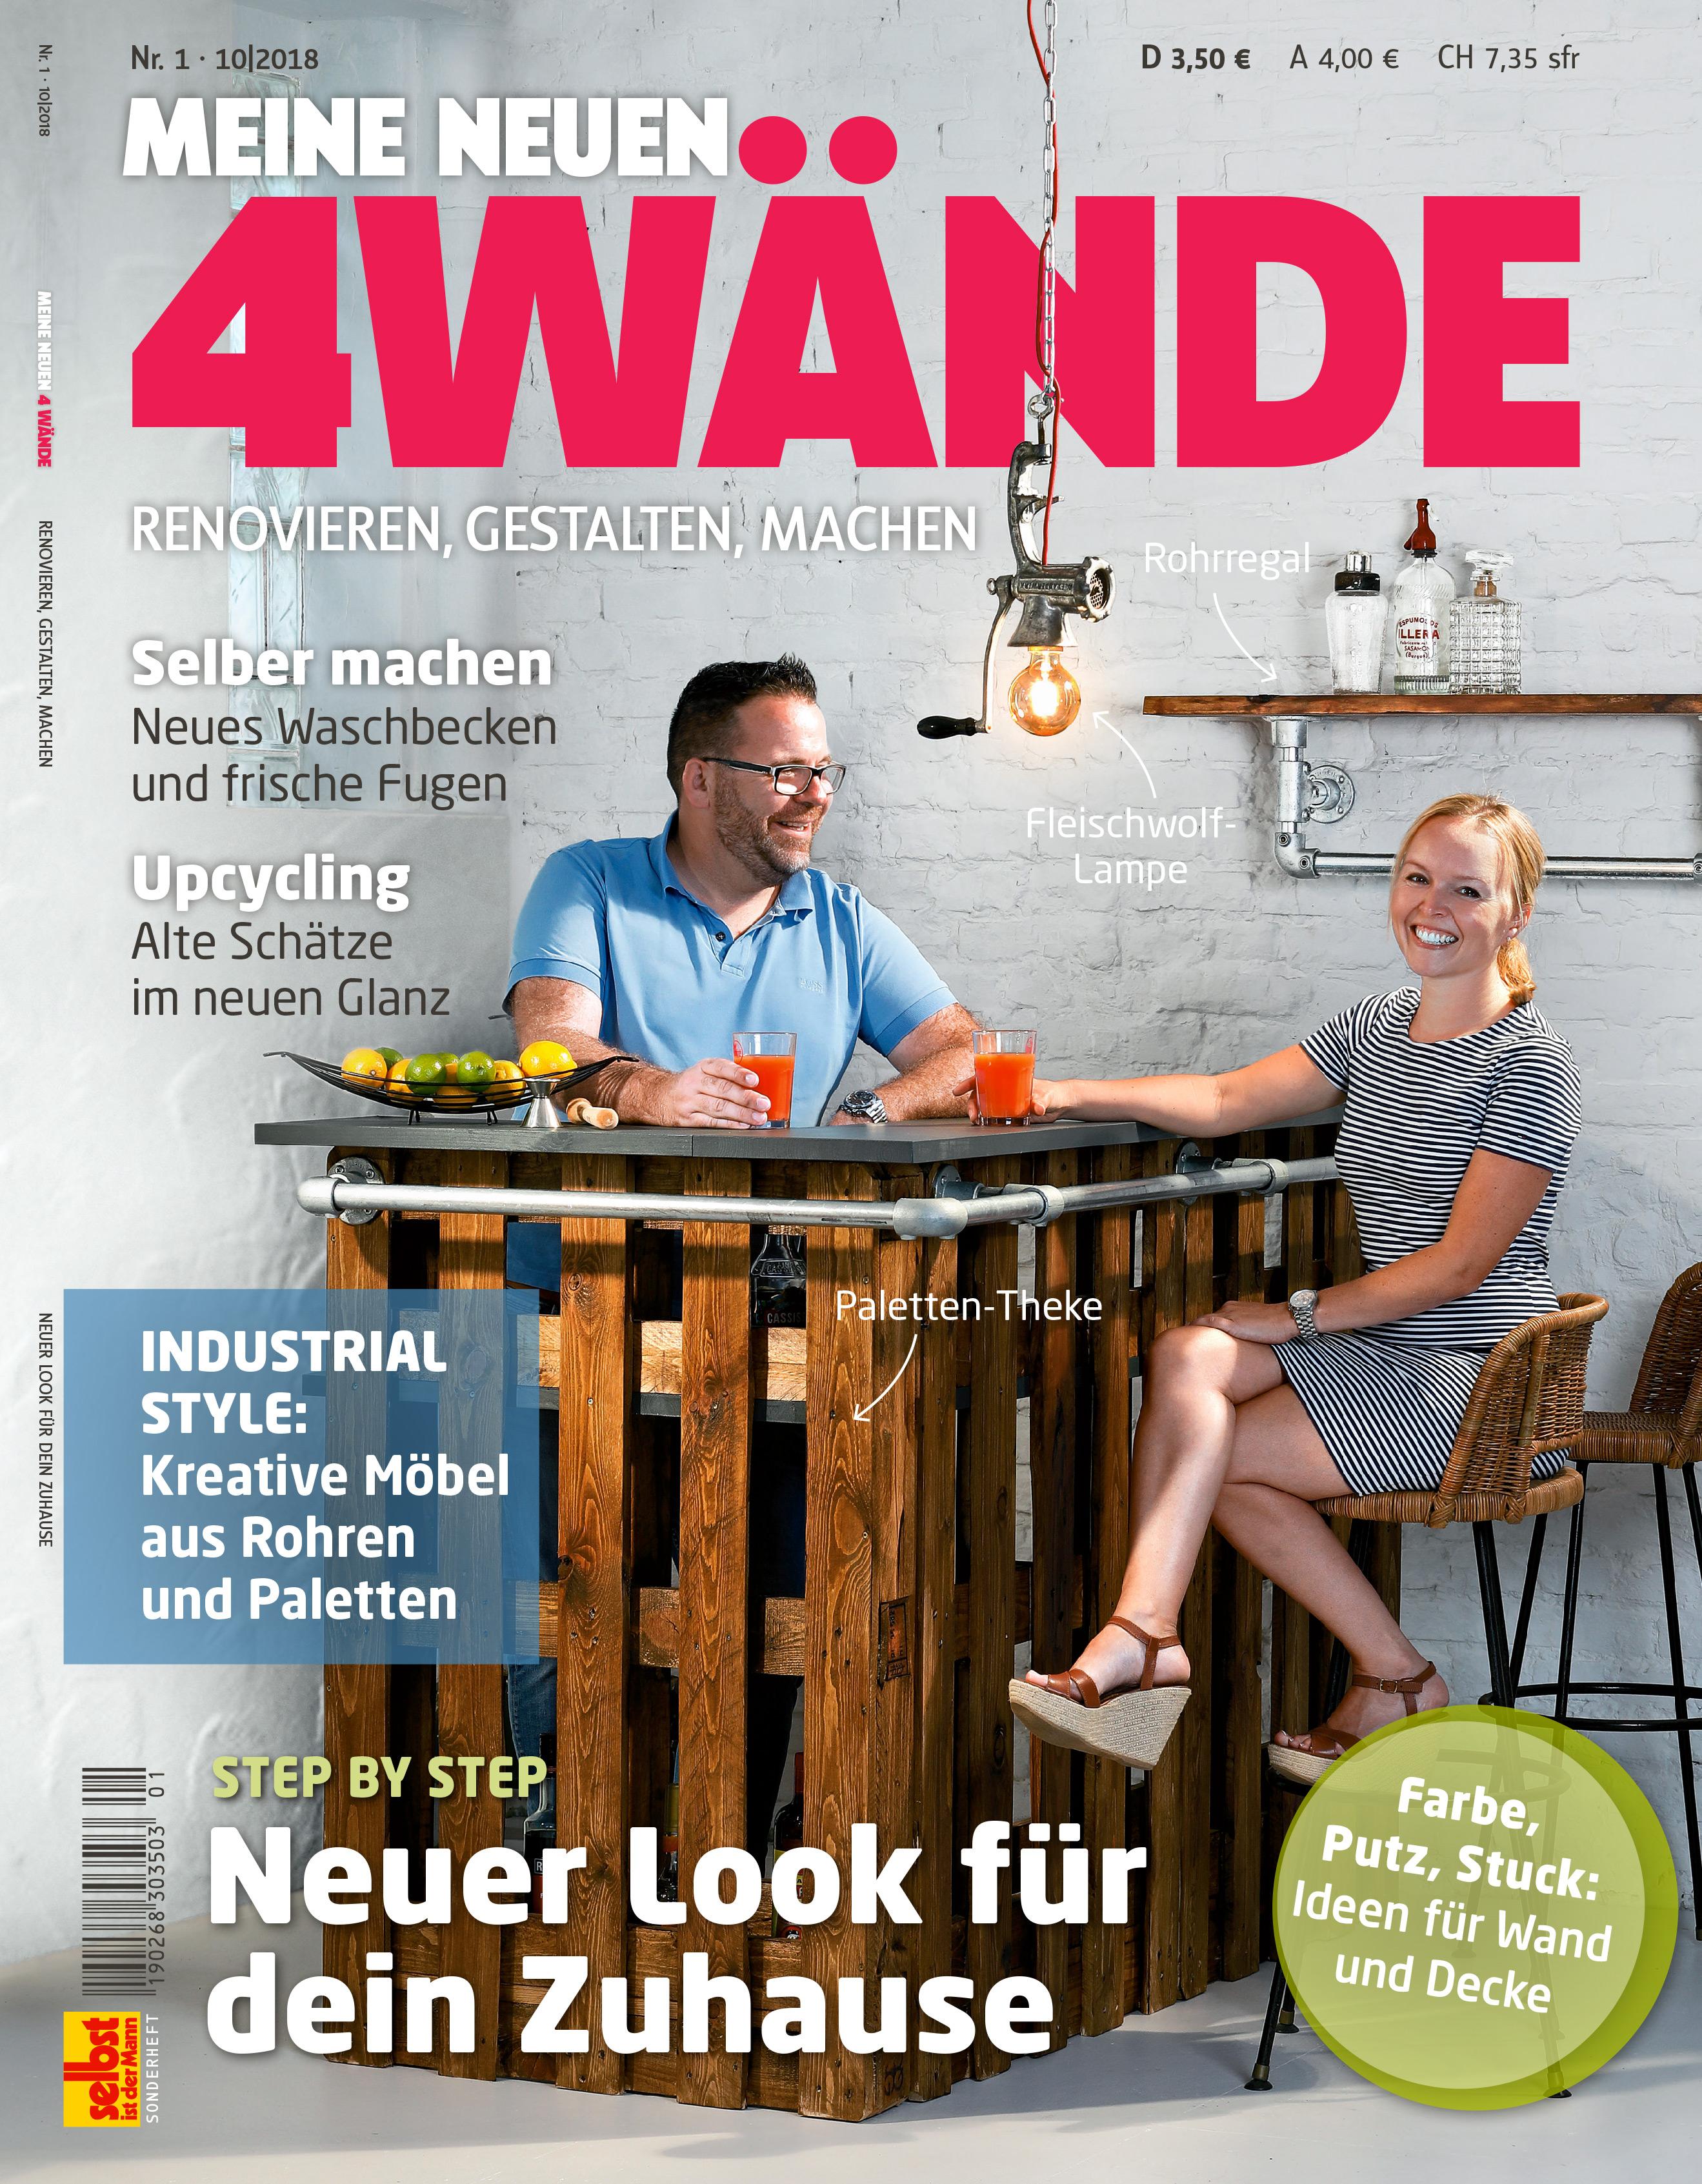 aktuelles heft: meine neuen 4 wände | selbst.de